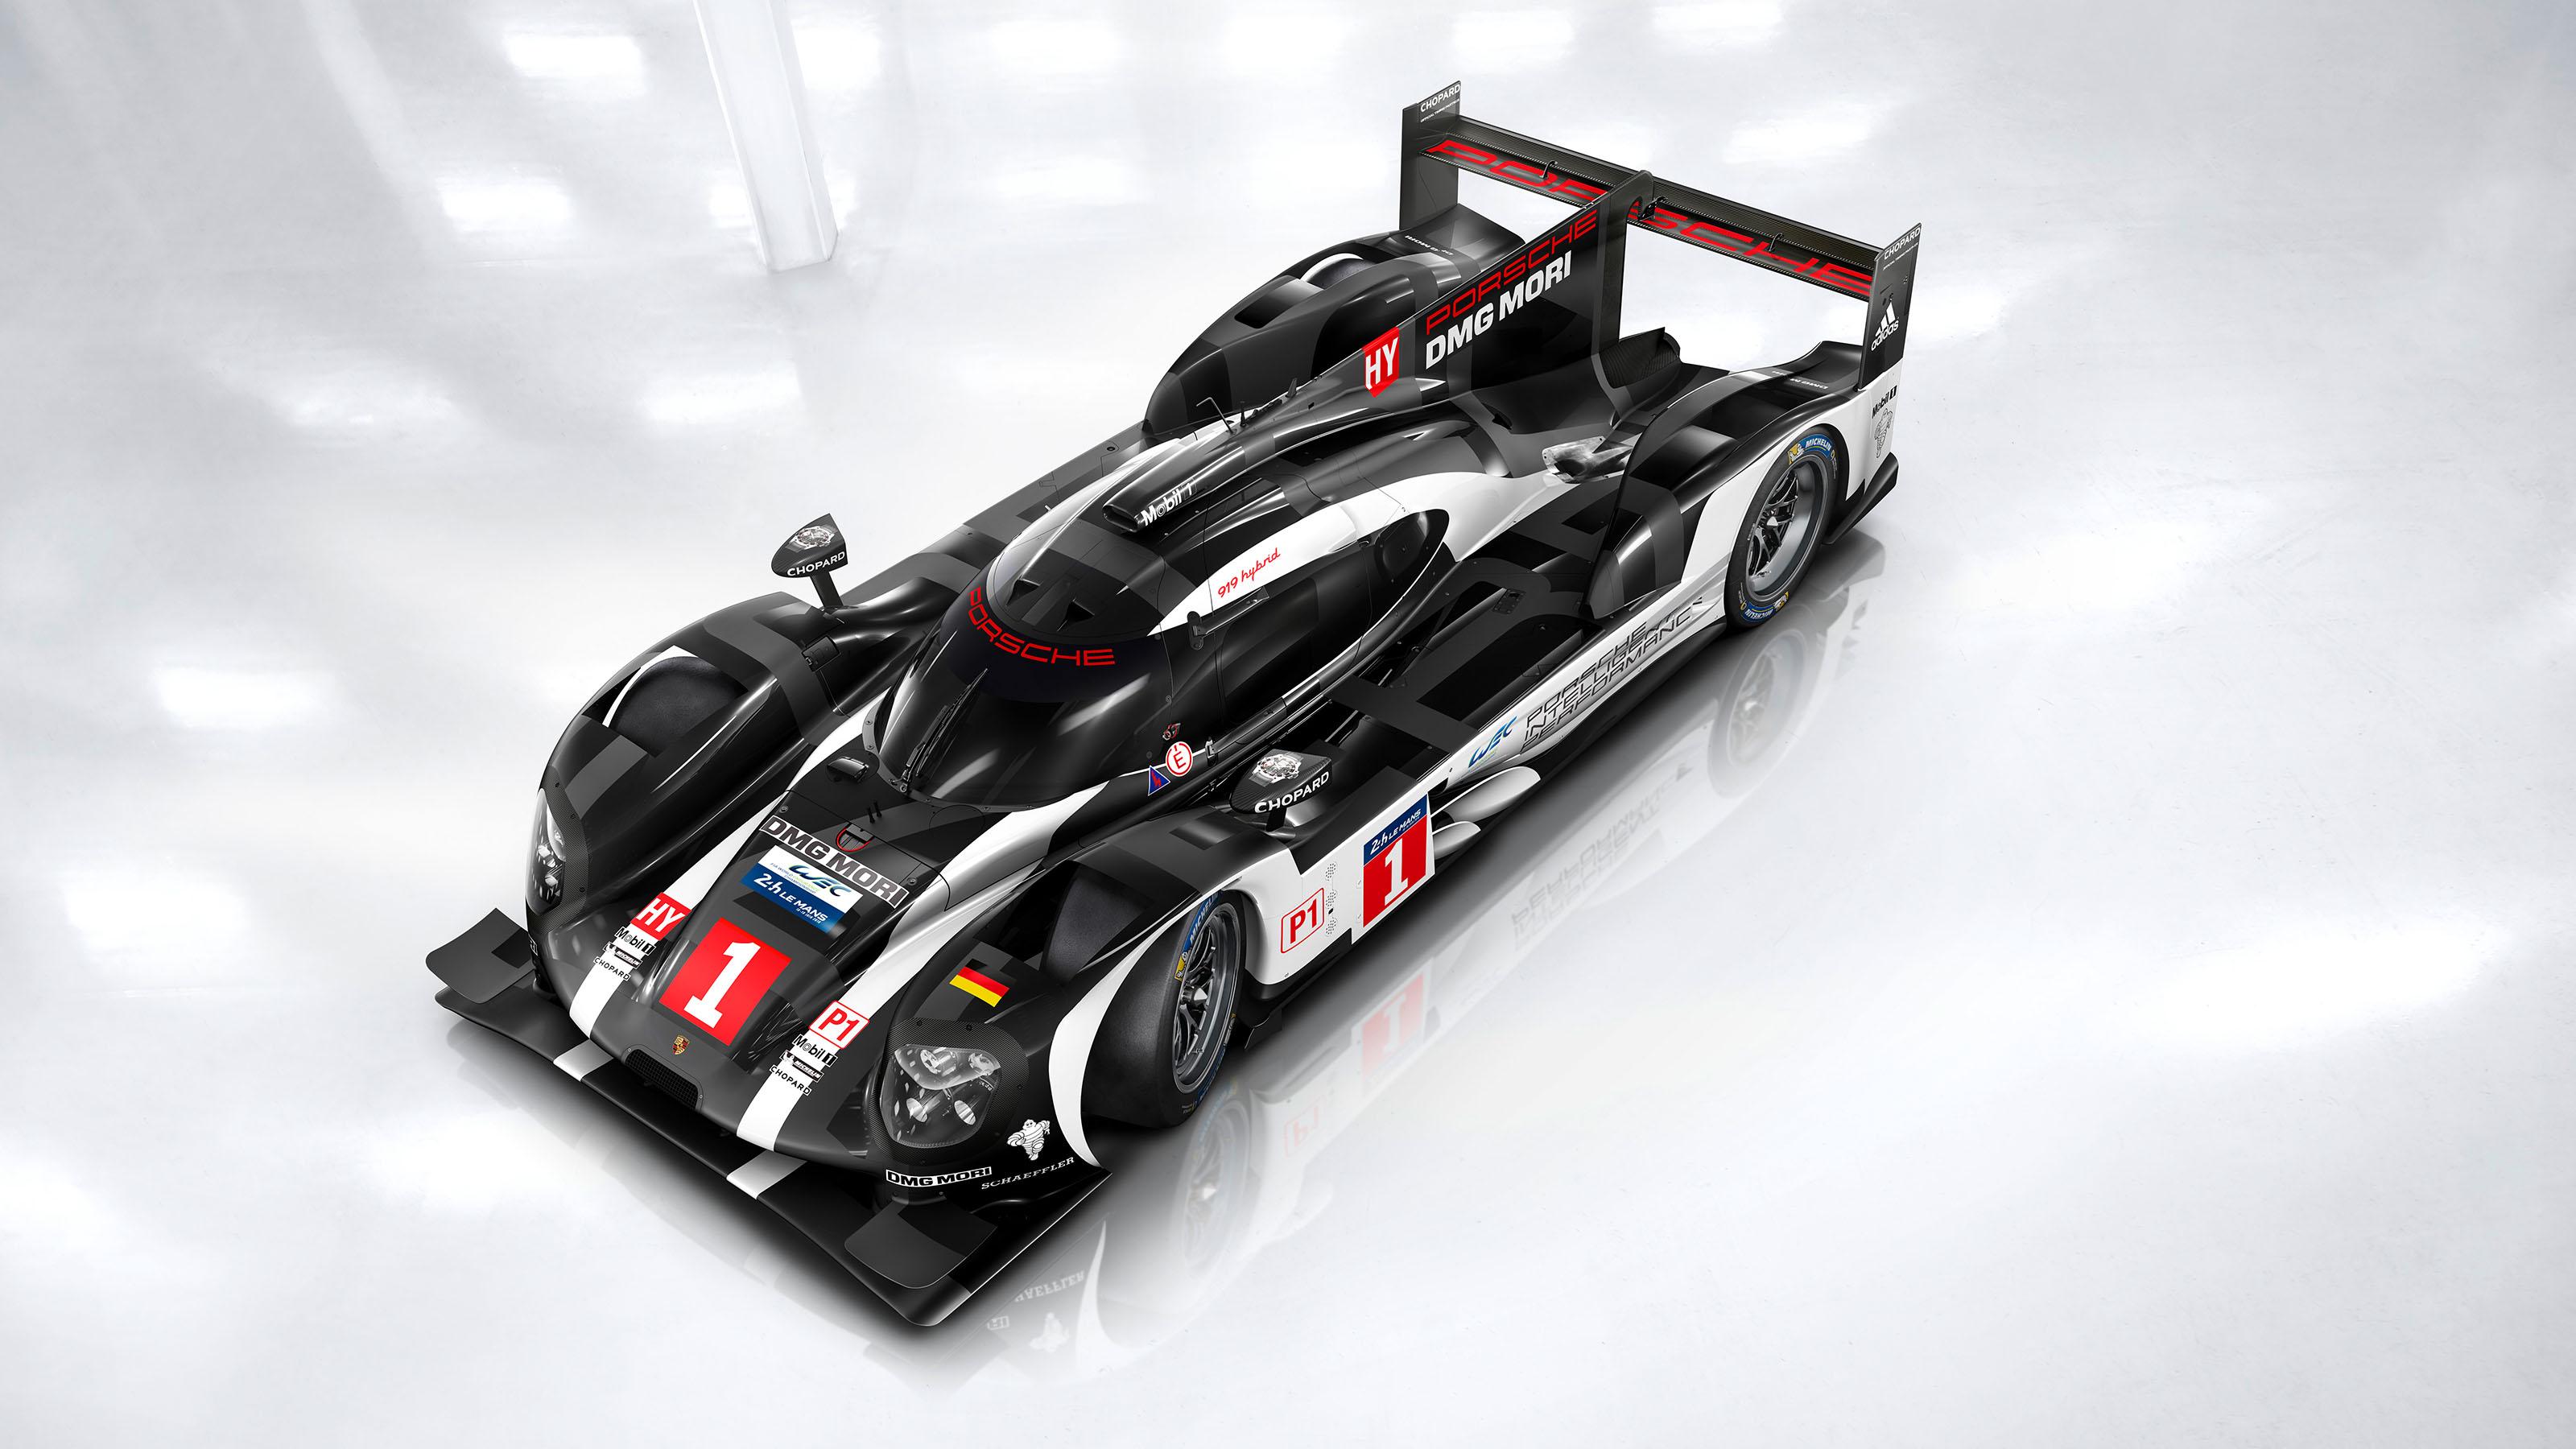 porsche motorsport 919 hybrid 2016 fia wec 6 les voitures. Black Bedroom Furniture Sets. Home Design Ideas